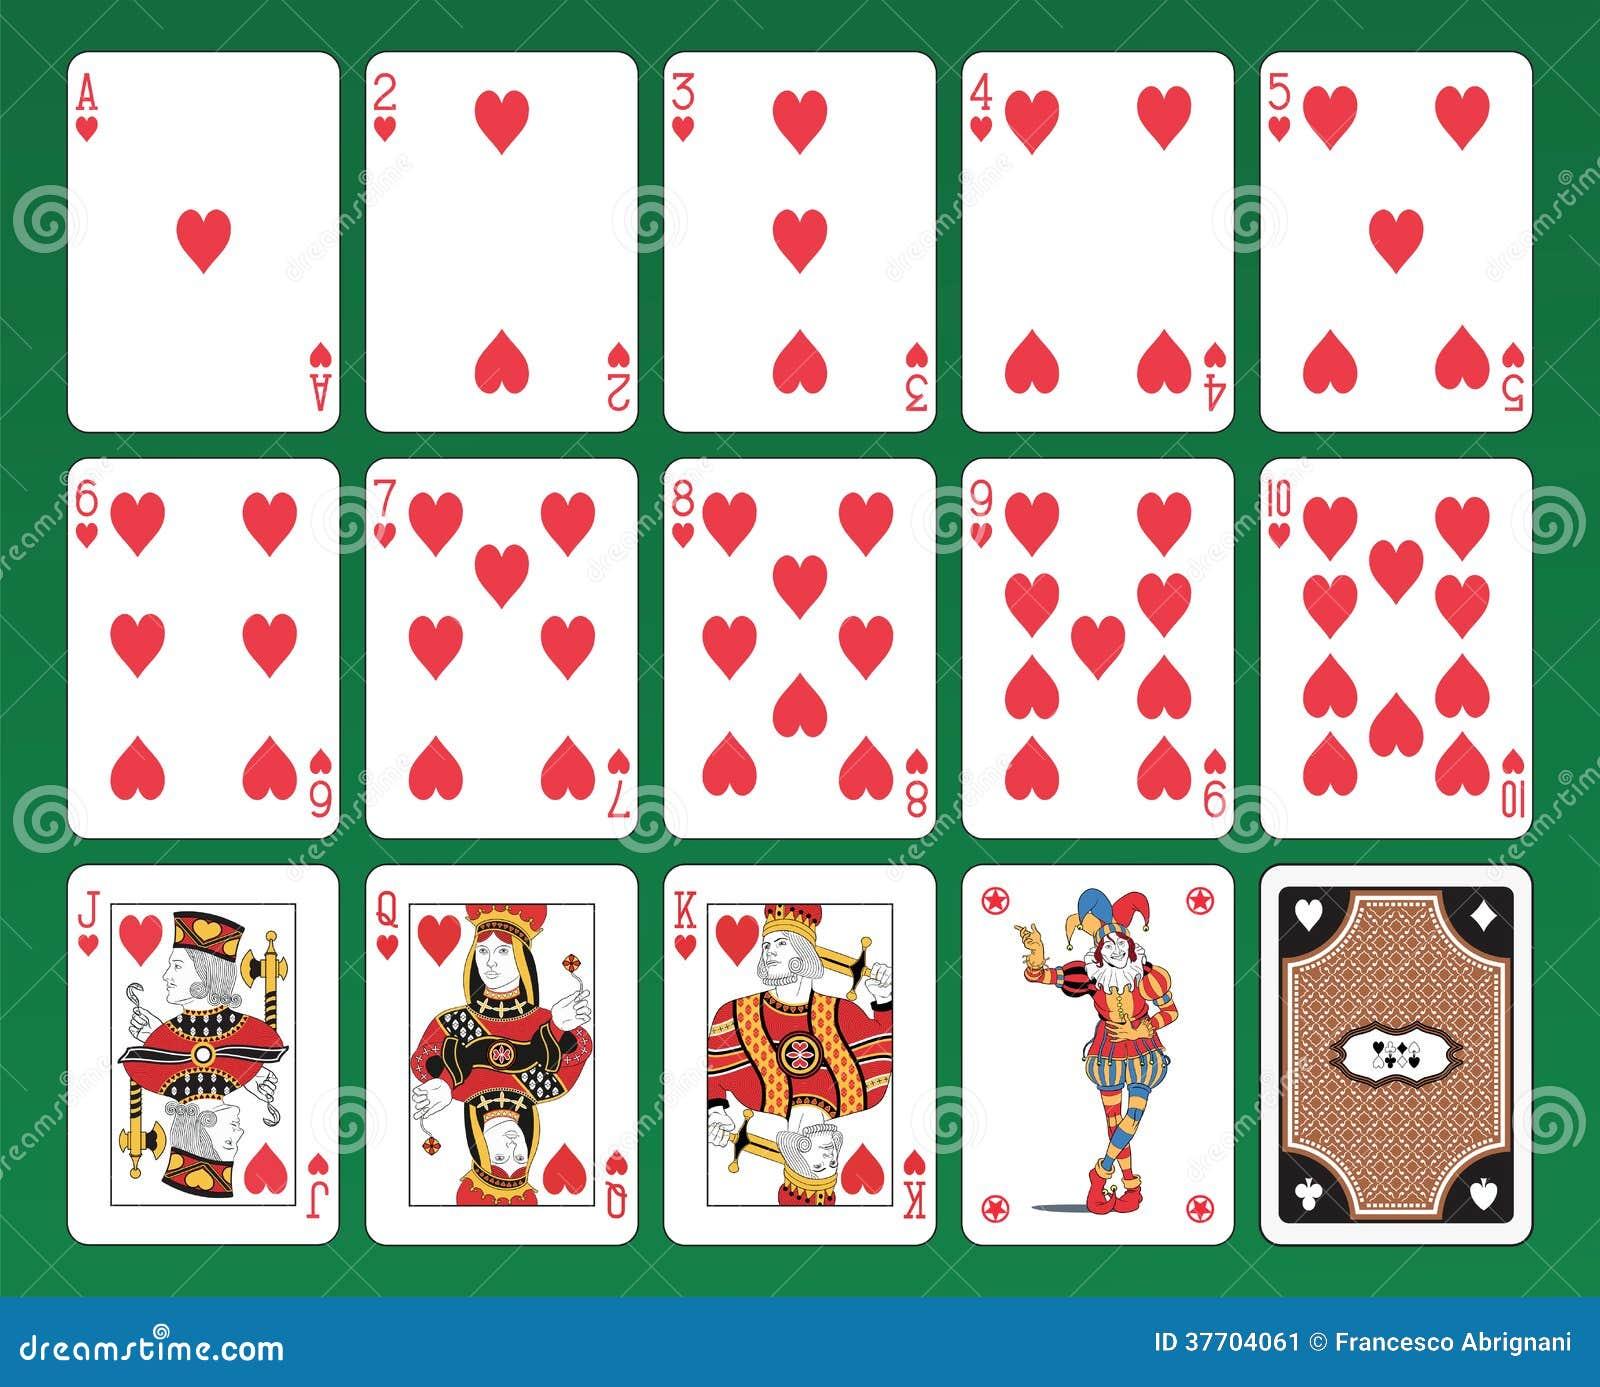 naipes de corazones ilustraci u00f3n del vector imagen de playing card vector designs playing card vector images